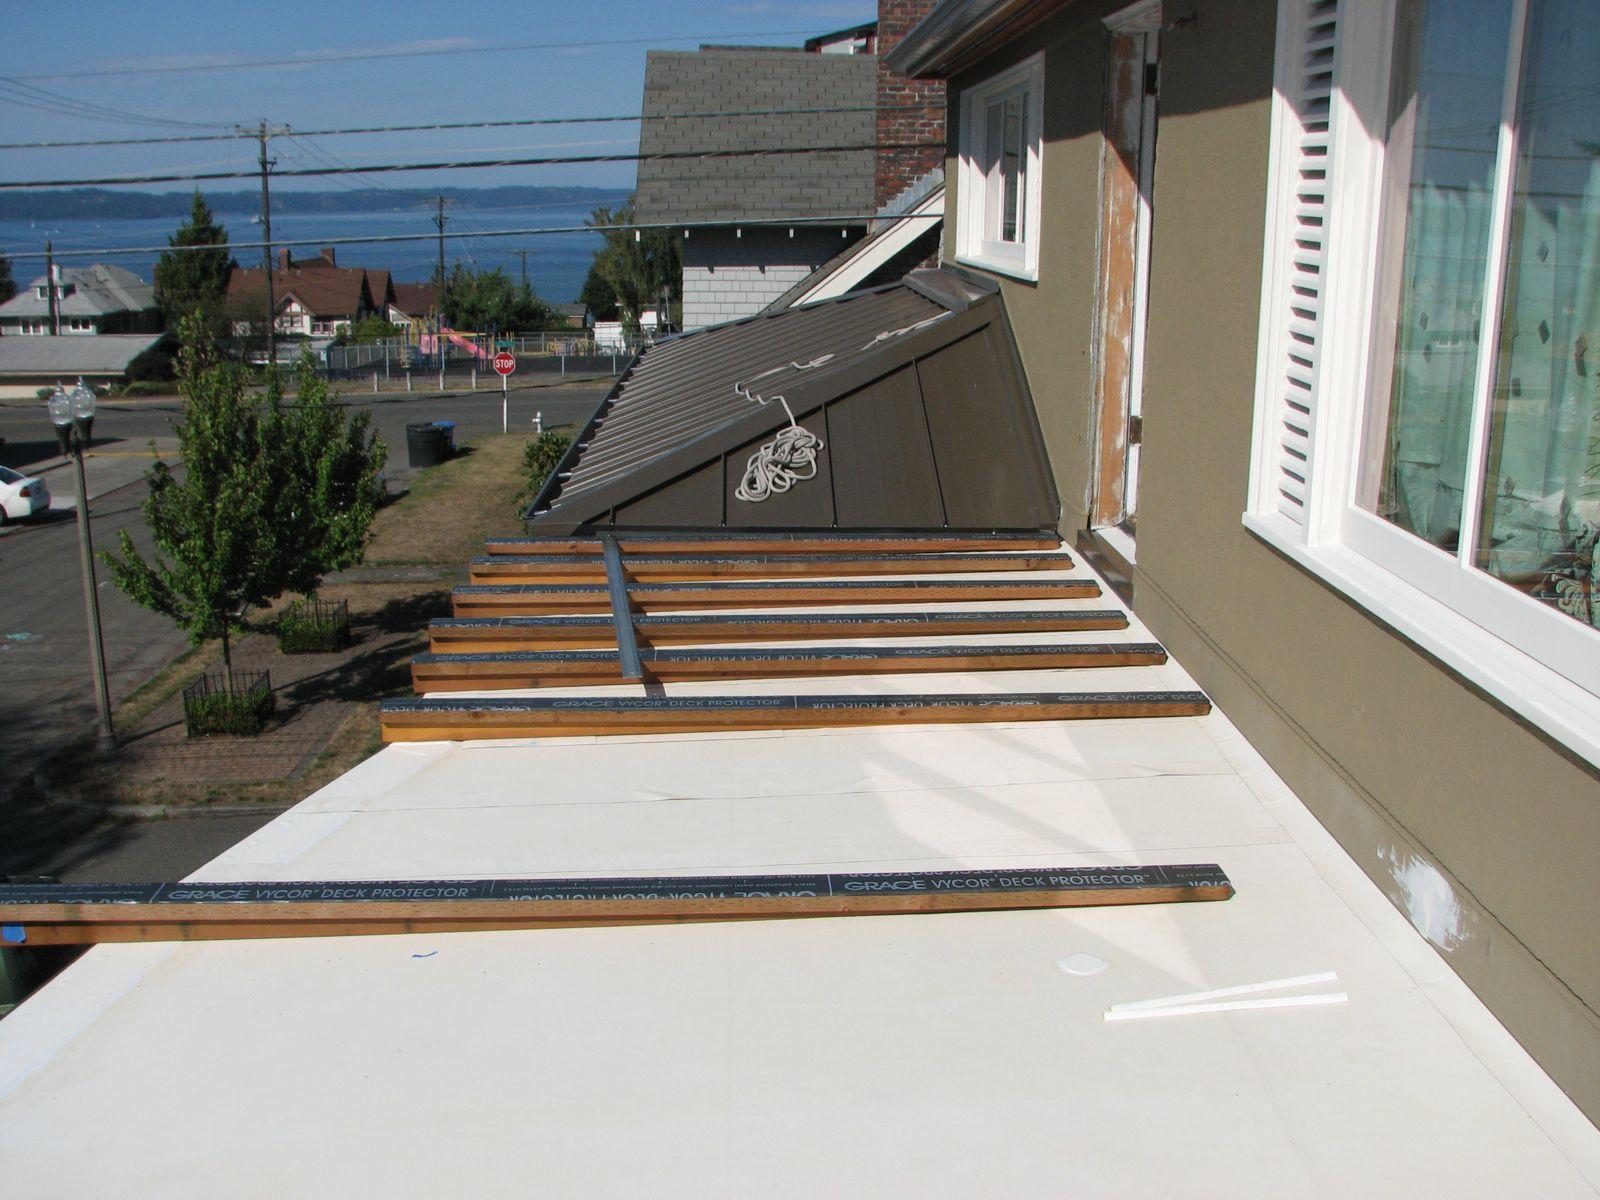 Balcony Part Ii Or Wood Deck Over Epdm Deck On Sleepers